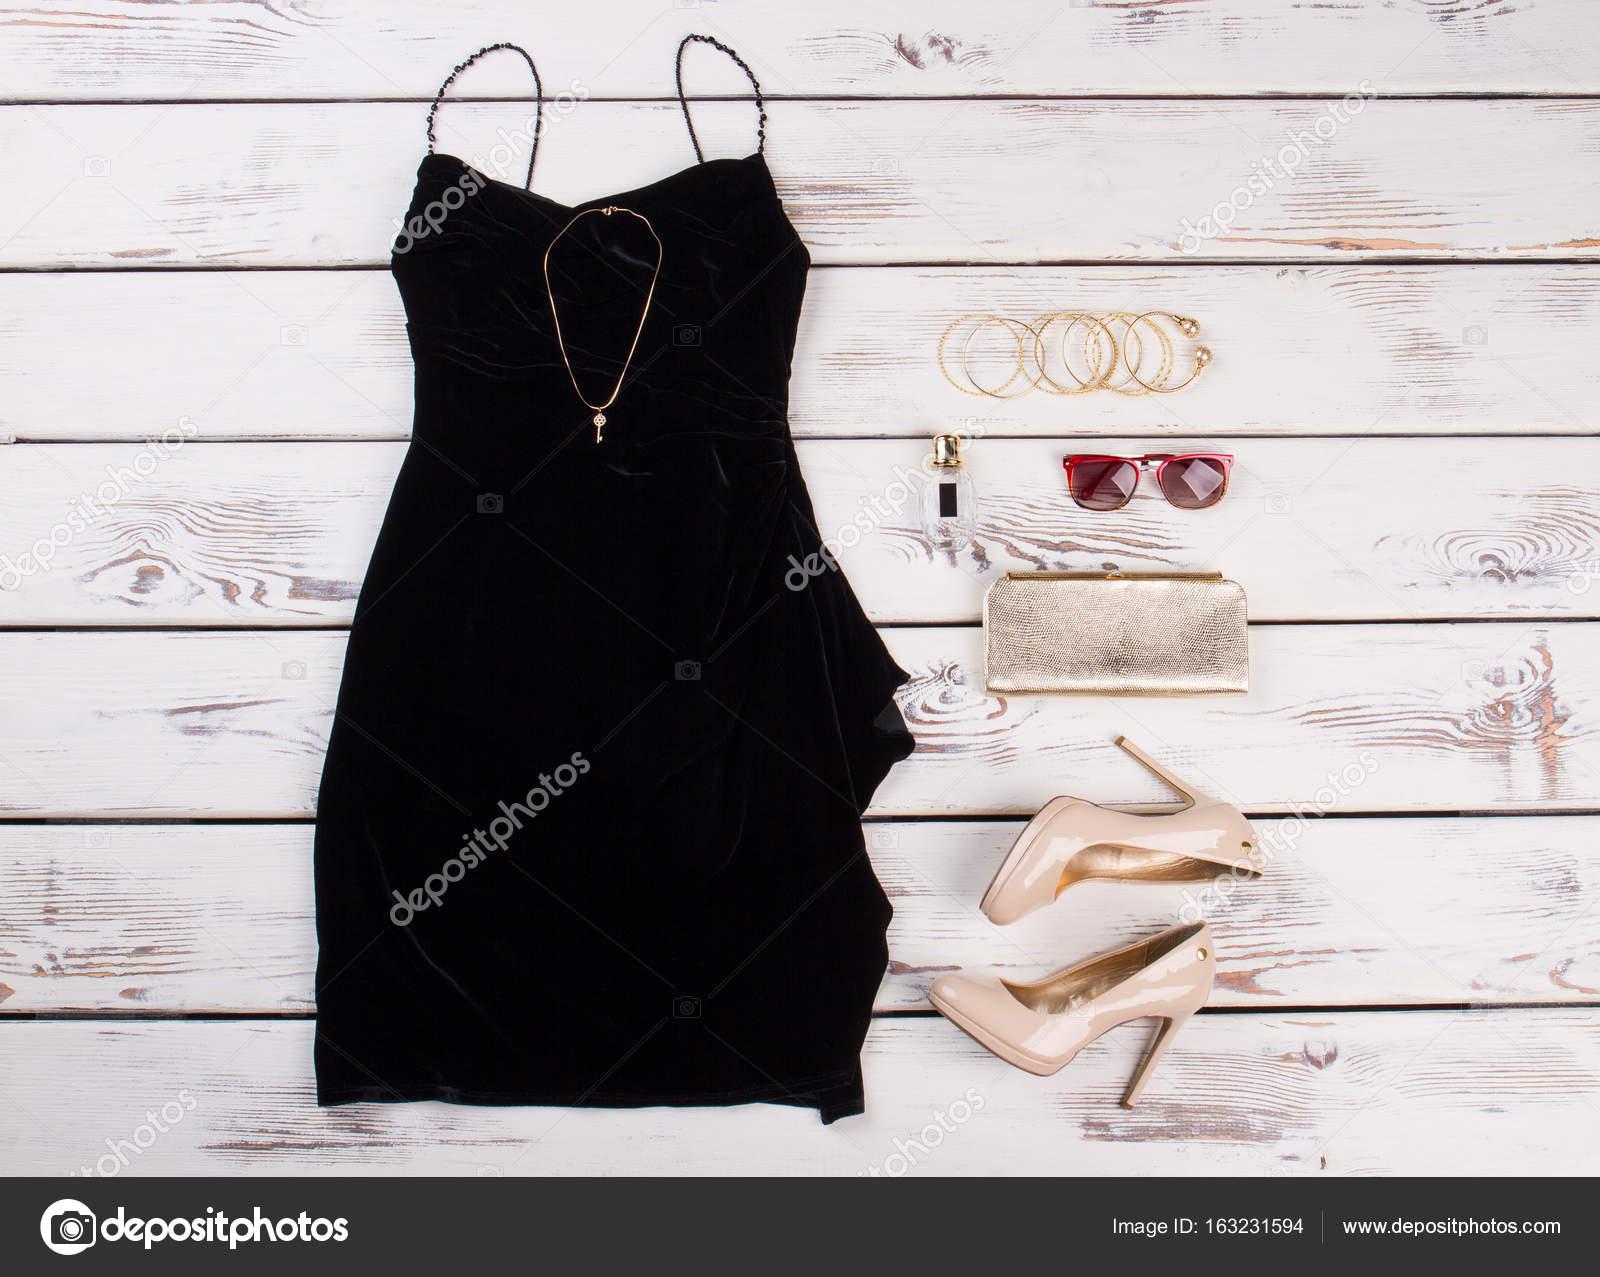 best loved 89101 76b8e Vestito nero e beige accessori. — Foto Stock © margostock ...